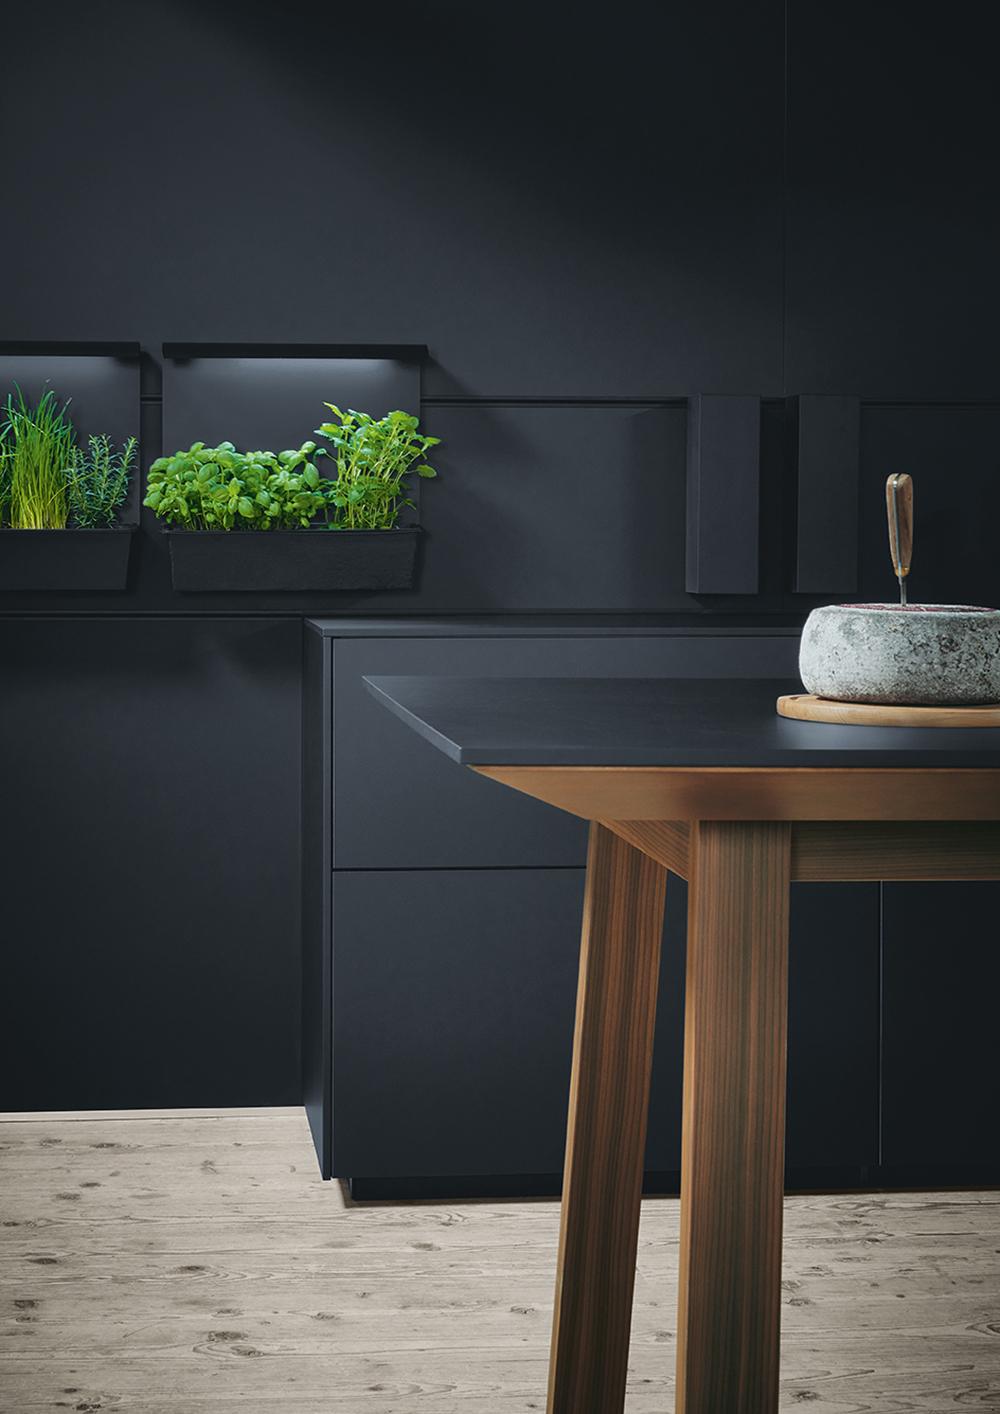 cuisine meuble design rangement aménagement intérieur ambiance design nordique et morderne